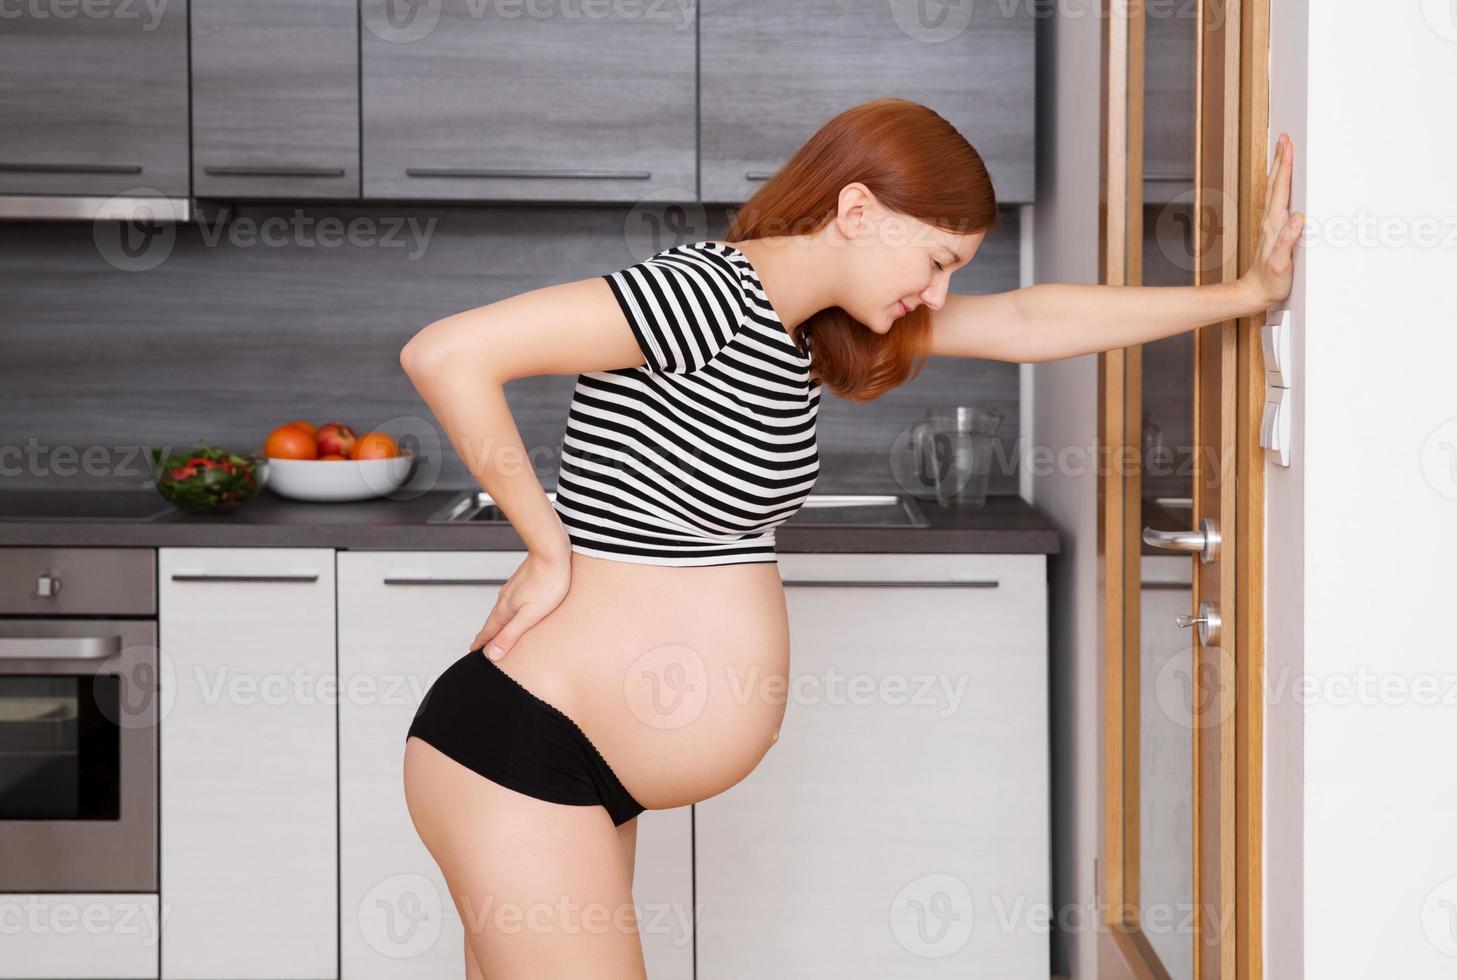 dolor de espalda del embarazo foto